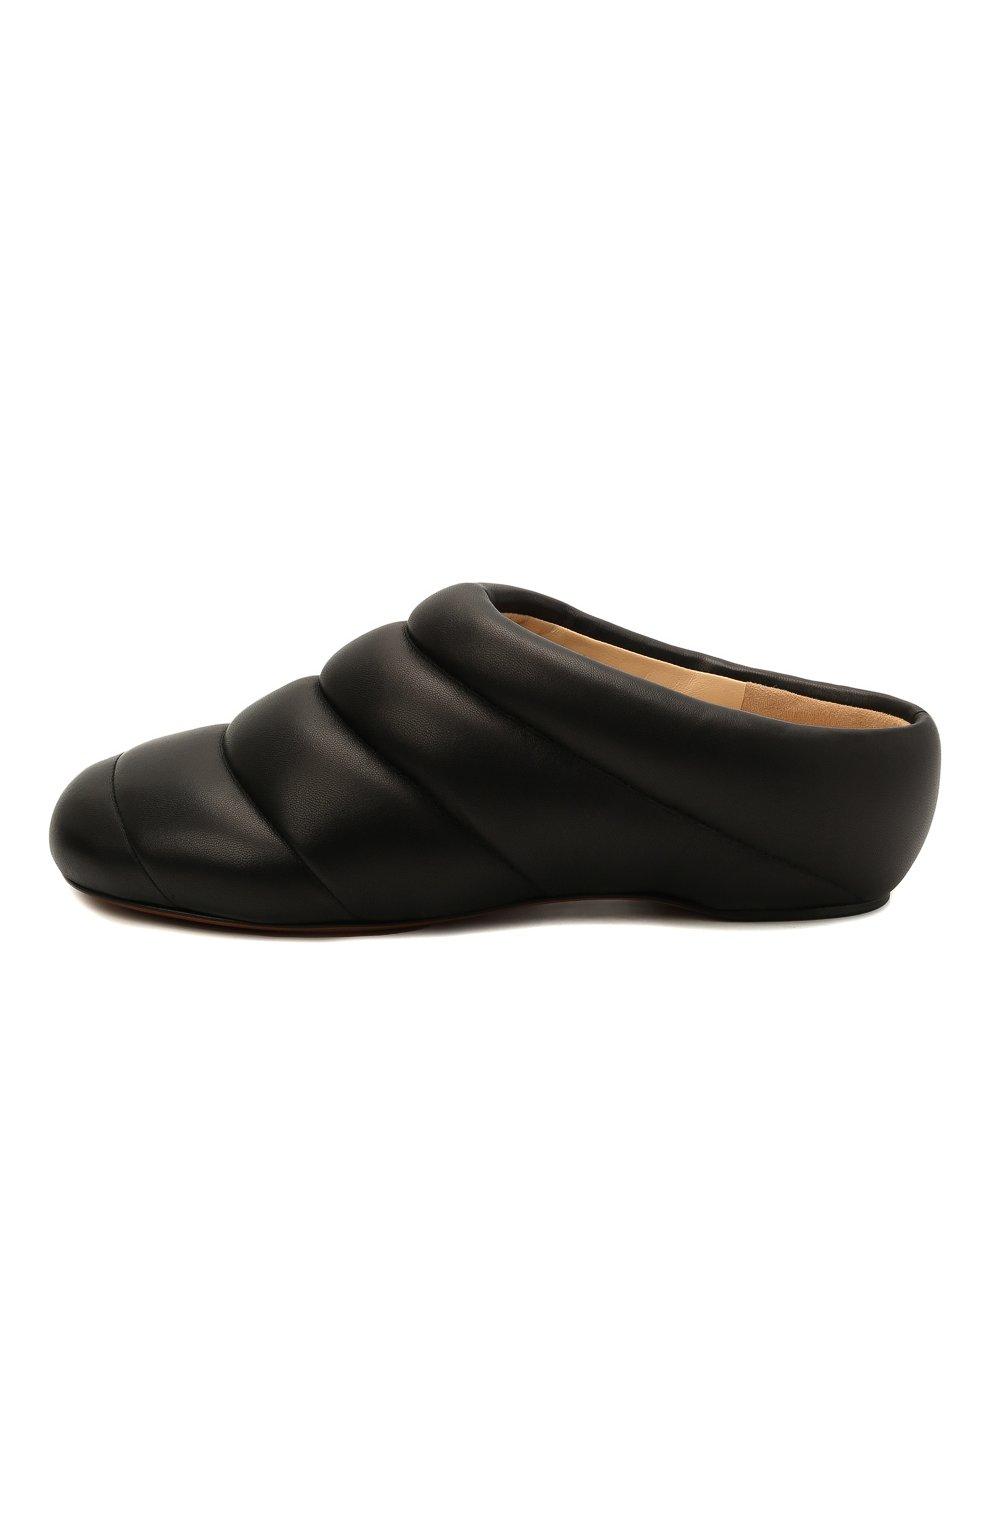 Женские кожаные сабо PROENZA SCHOULER черного цвета, арт. PS36114A/13001 | Фото 4 (Материал внешний: Кожа; Каблук высота: Низкий; Материал внутренний: Натуральная кожа; Подошва: Плоская)